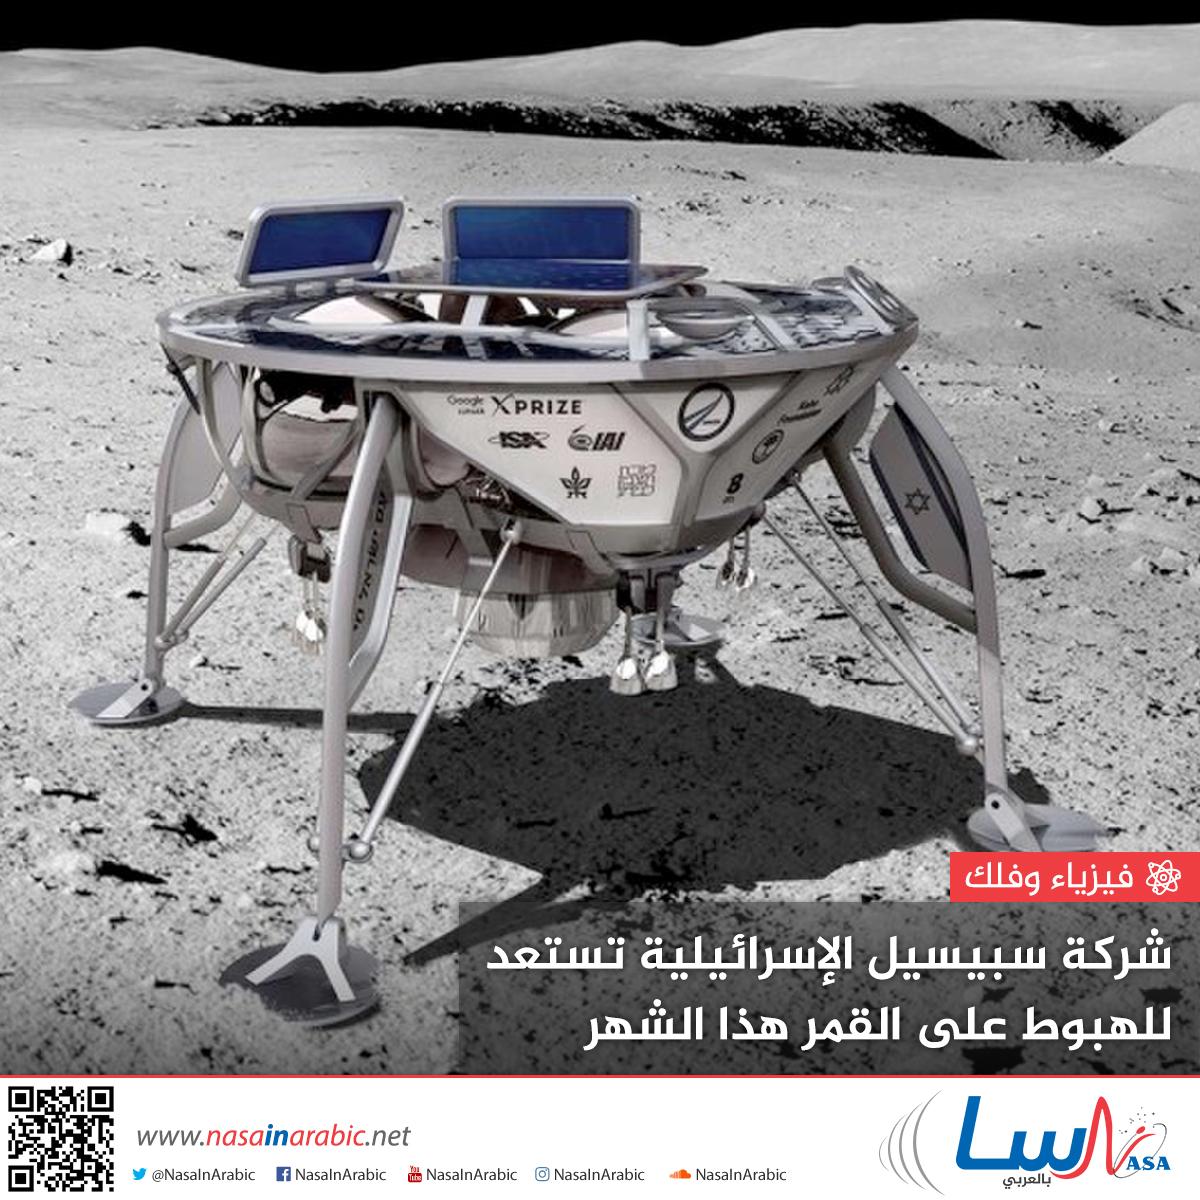 شركة سبيسيل الإسرائيلية تستعد للهبوط على سطح القمر هذا الشهر